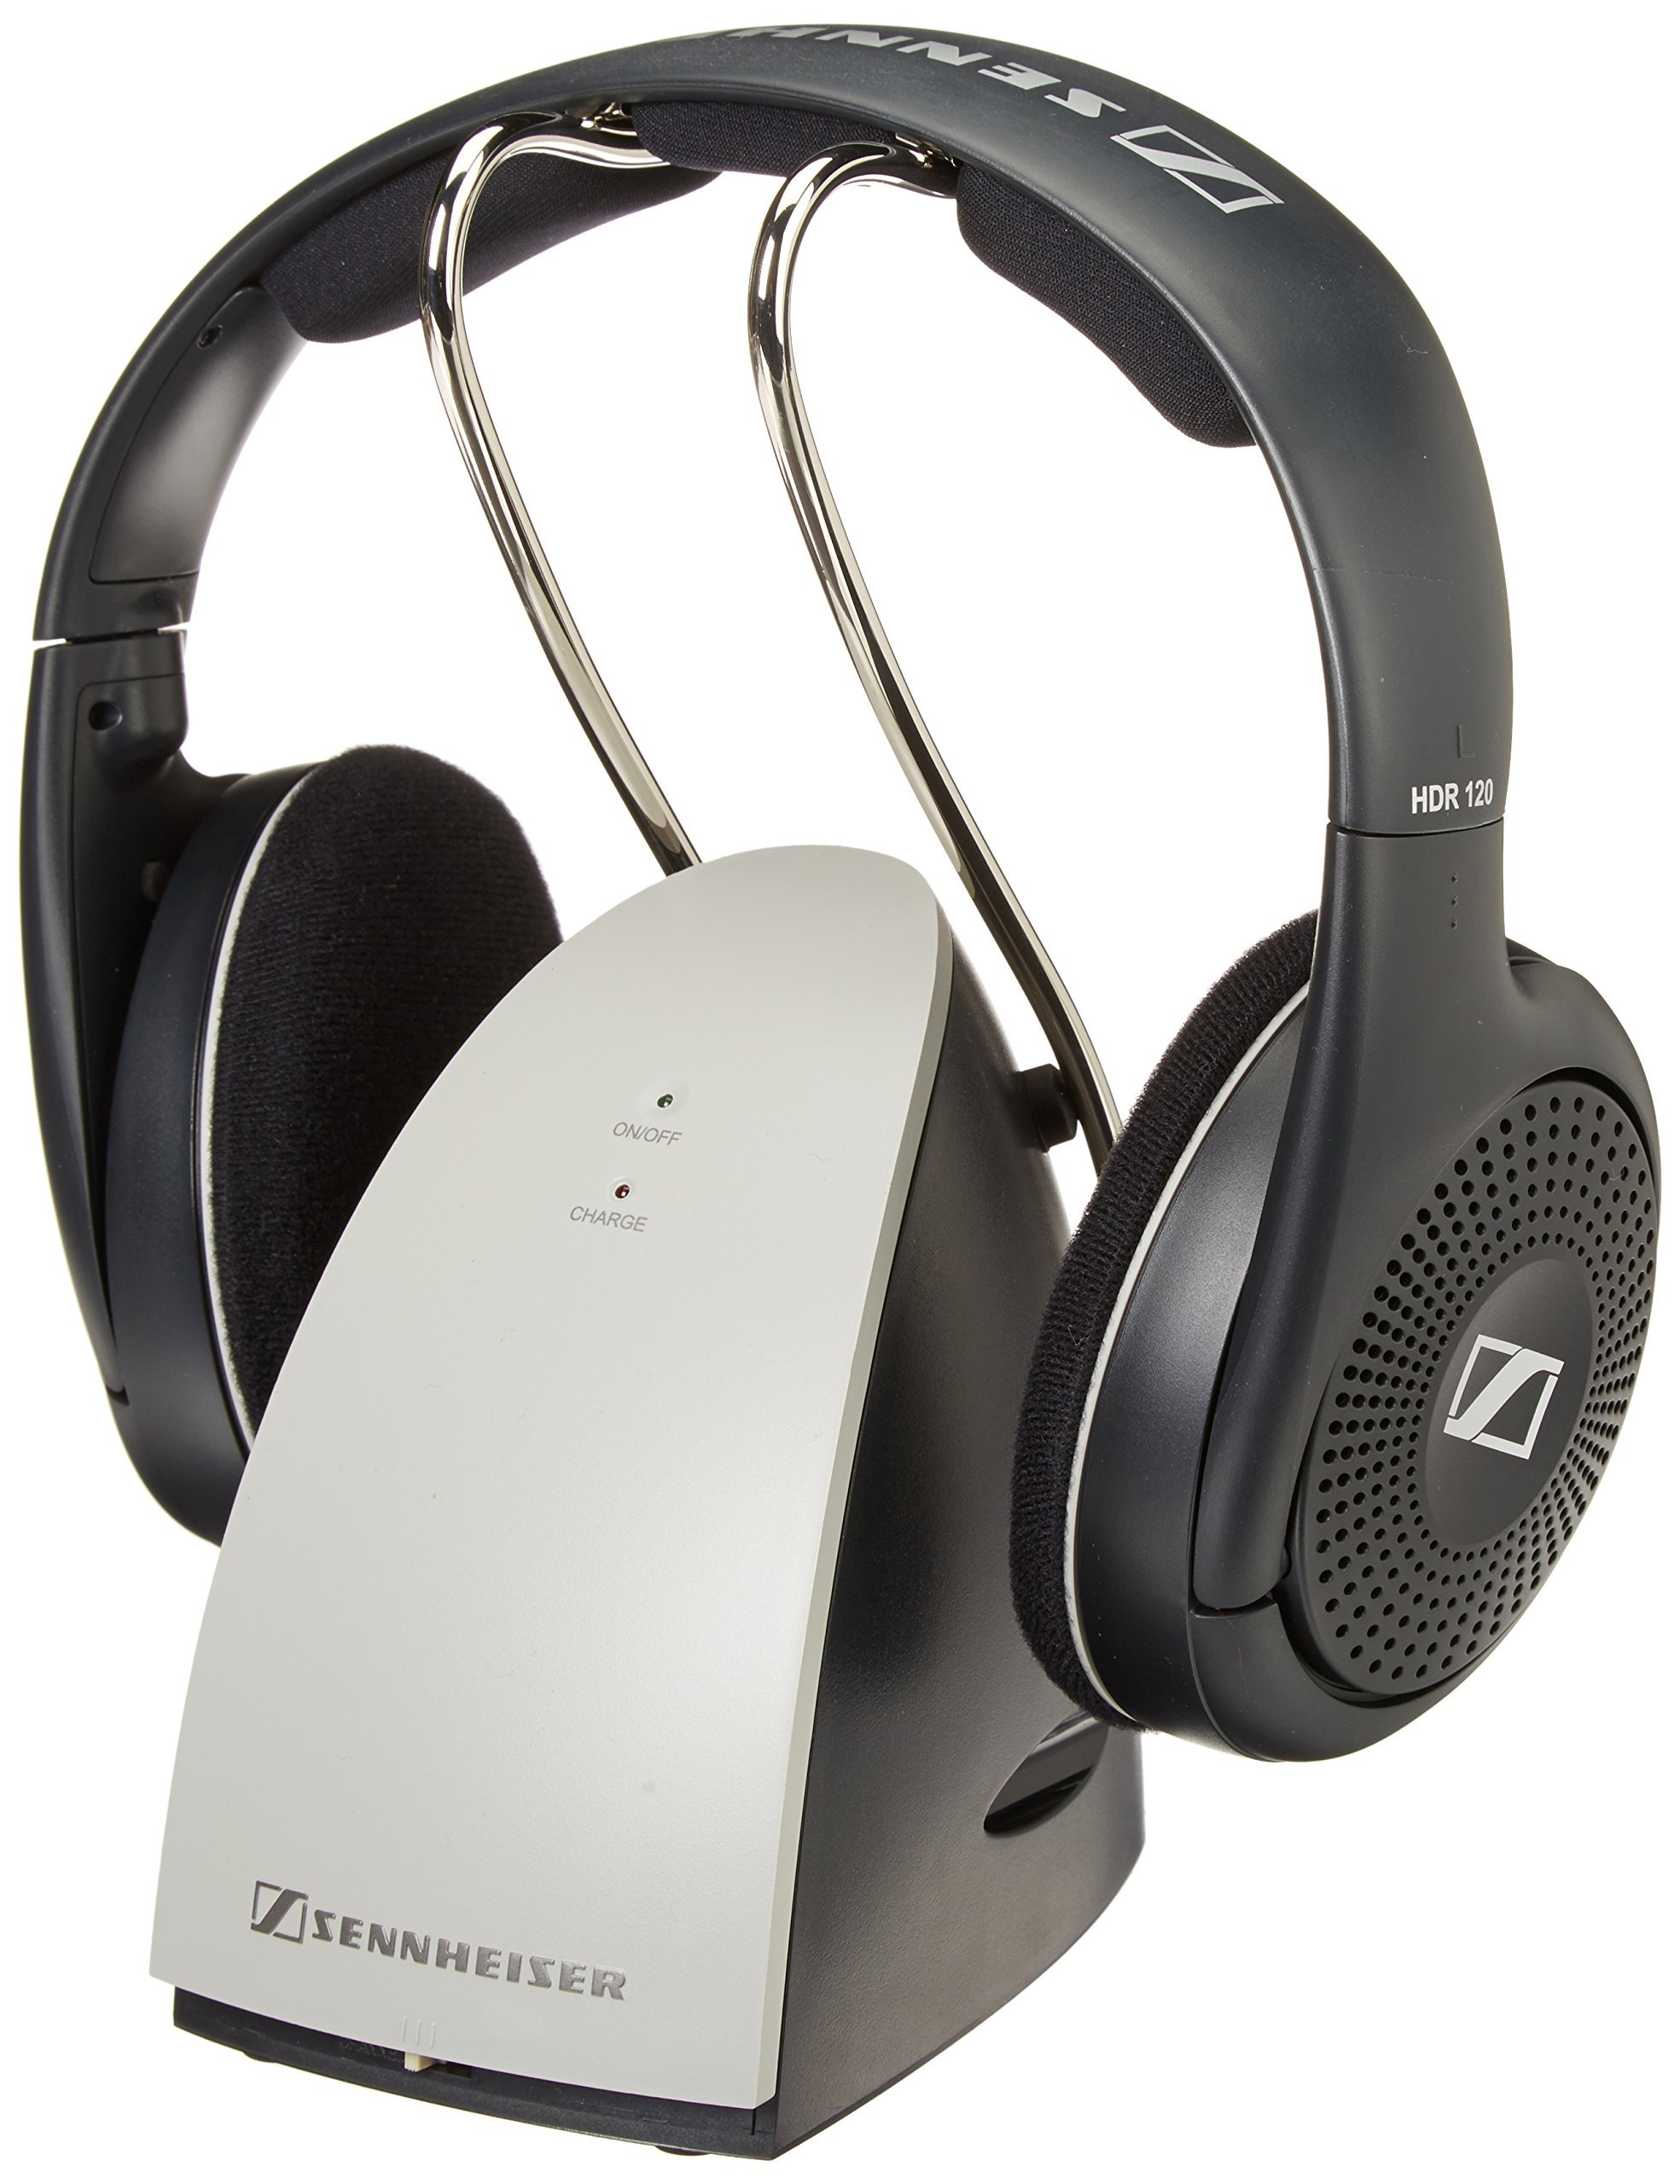 Sennheiser RS120 On-Ear Wireless RF Headphones with Charging Dock (Certified Refurbished) by Sennheiser